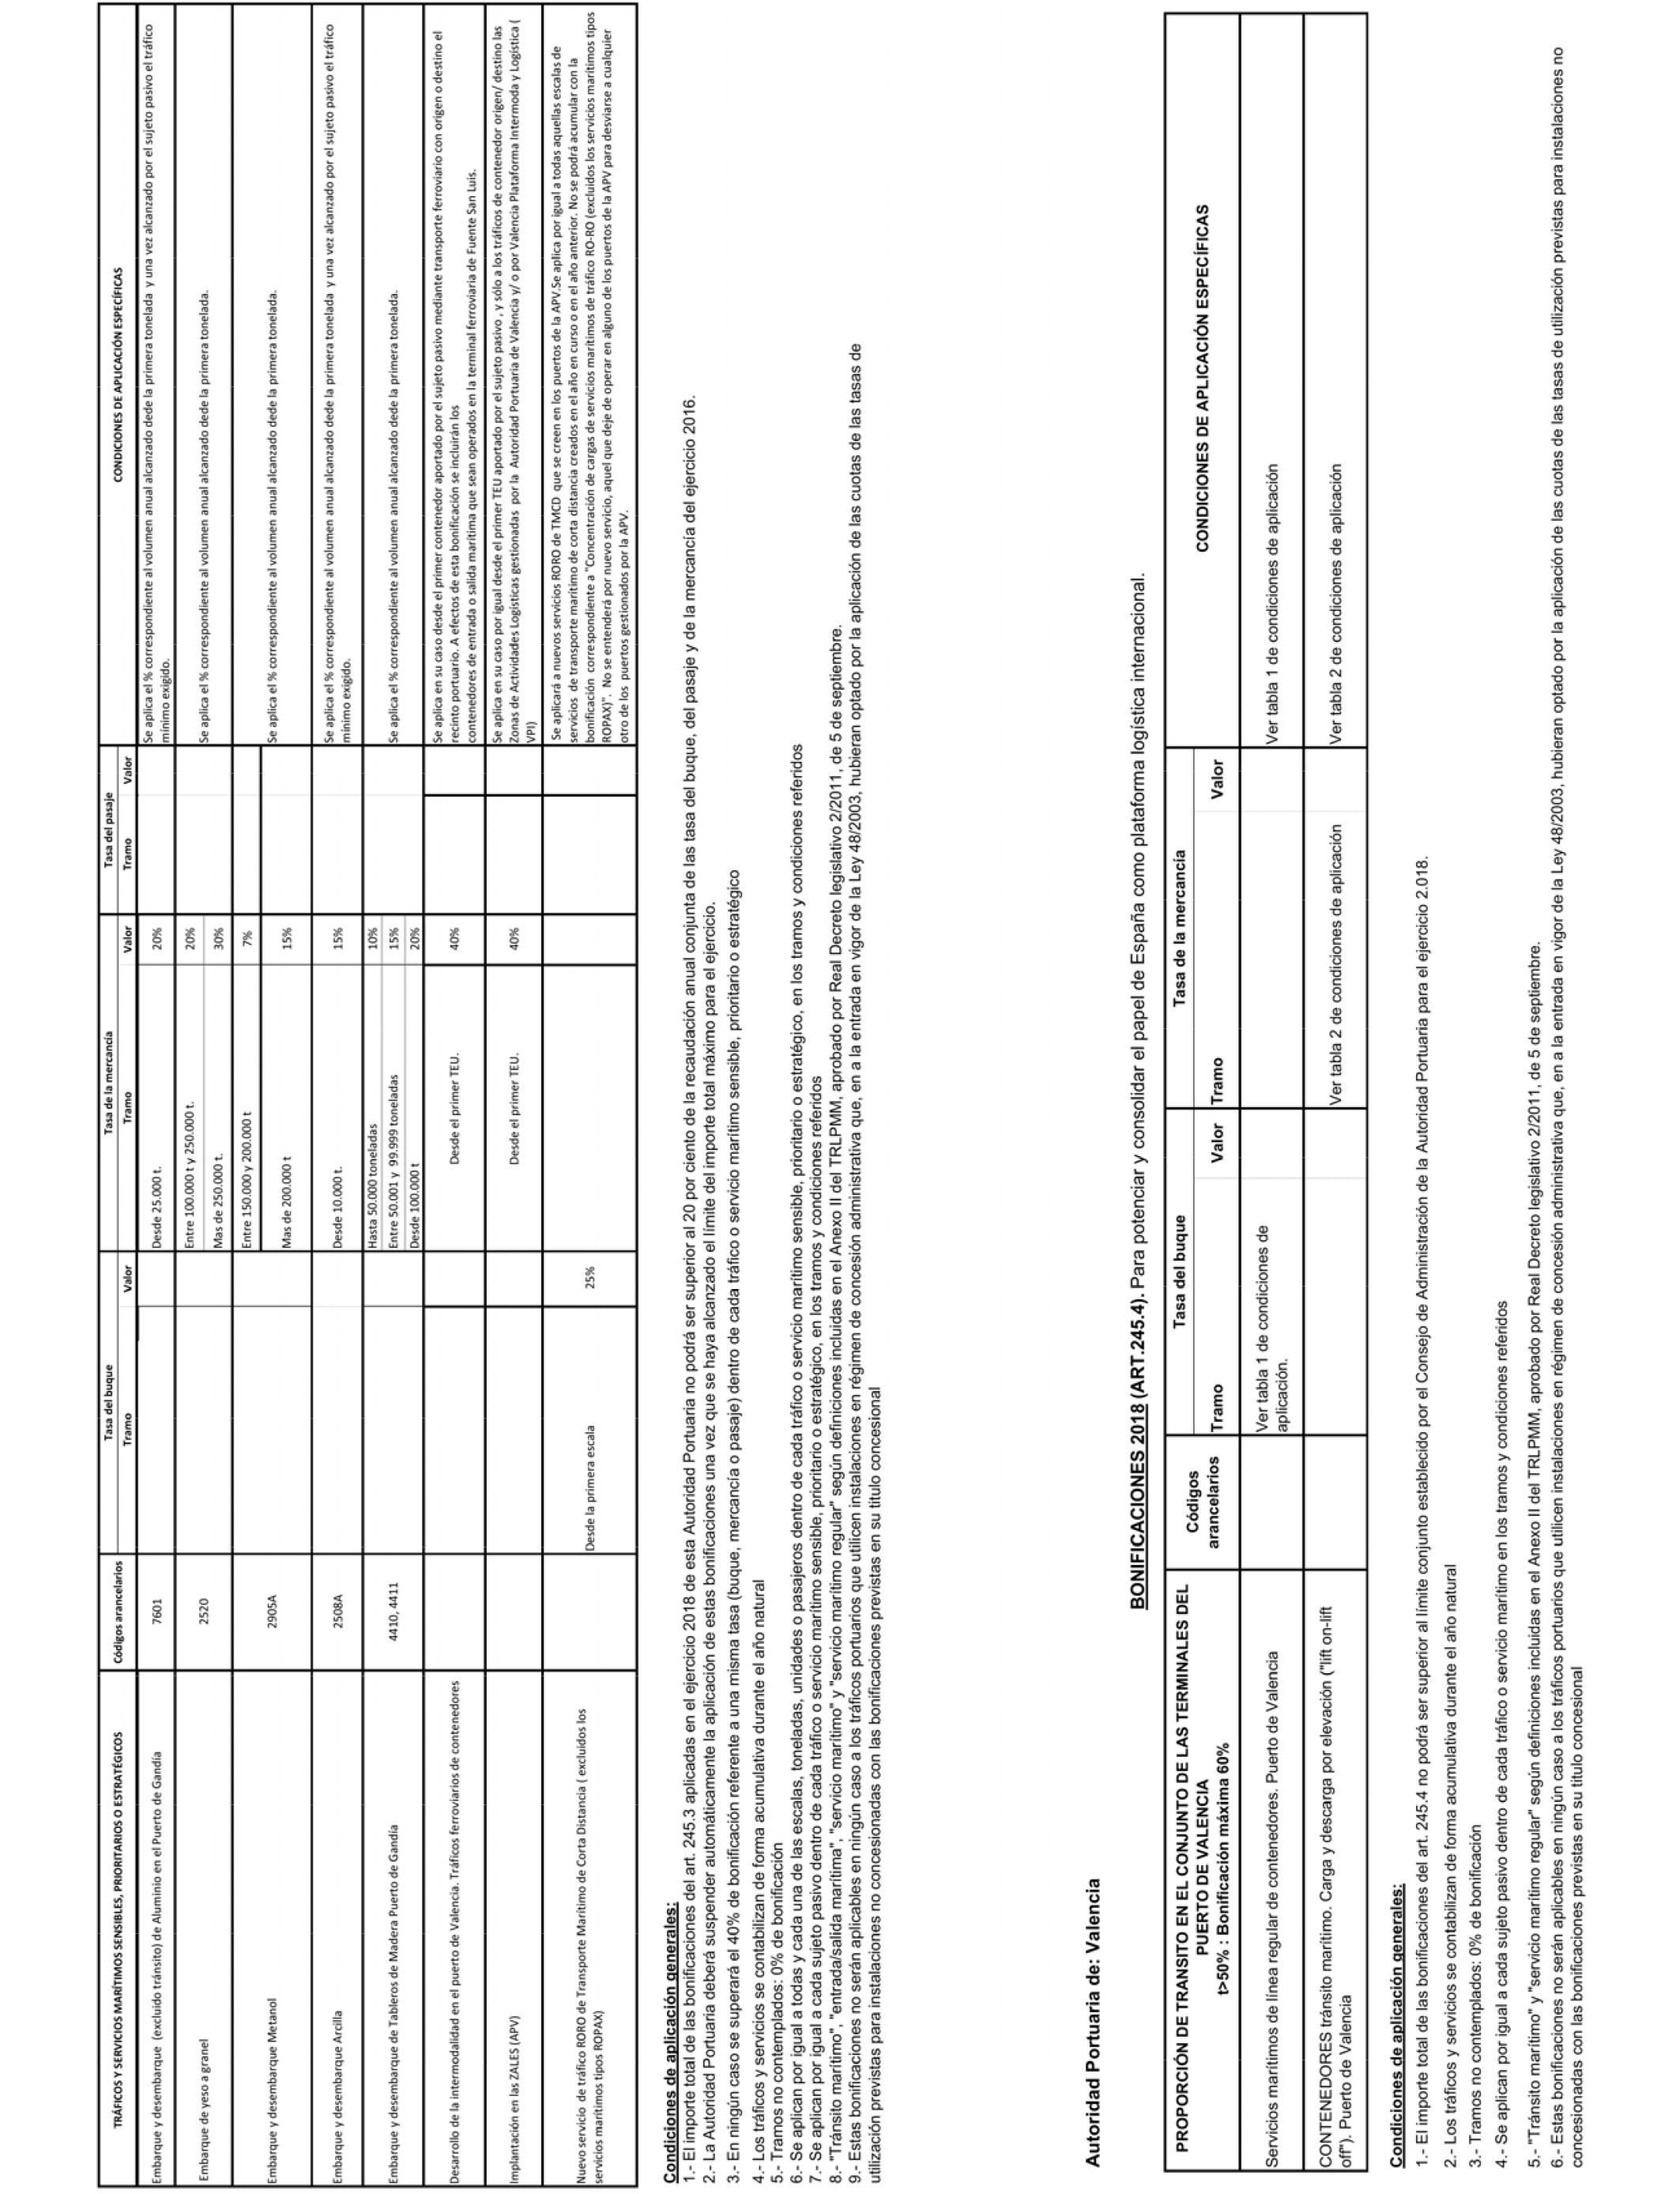 Calendario Escolar 2019 Illes Balears Más Recientemente Liberado Boe Documento Consolidado Boe A 2018 9268 Of Calendario Escolar 2019 Illes Balears Más Arriba-a-fecha Del De Les butlleti Oficial Parlament Illes Balears Sumari Sumario